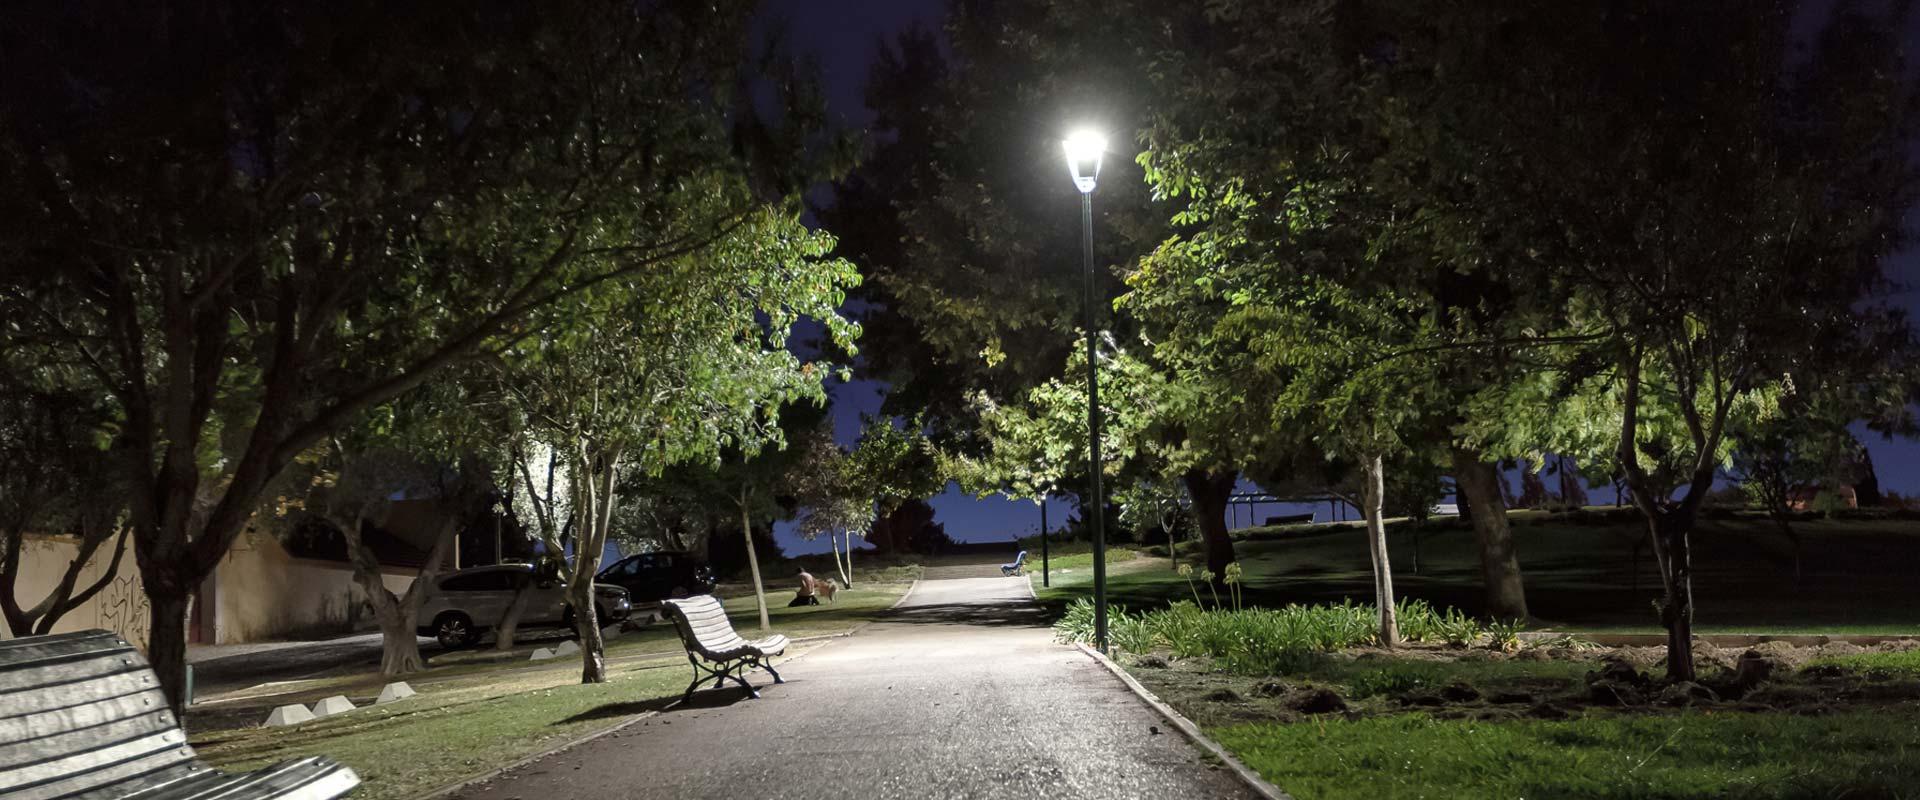 iluminacao-parque-felicio